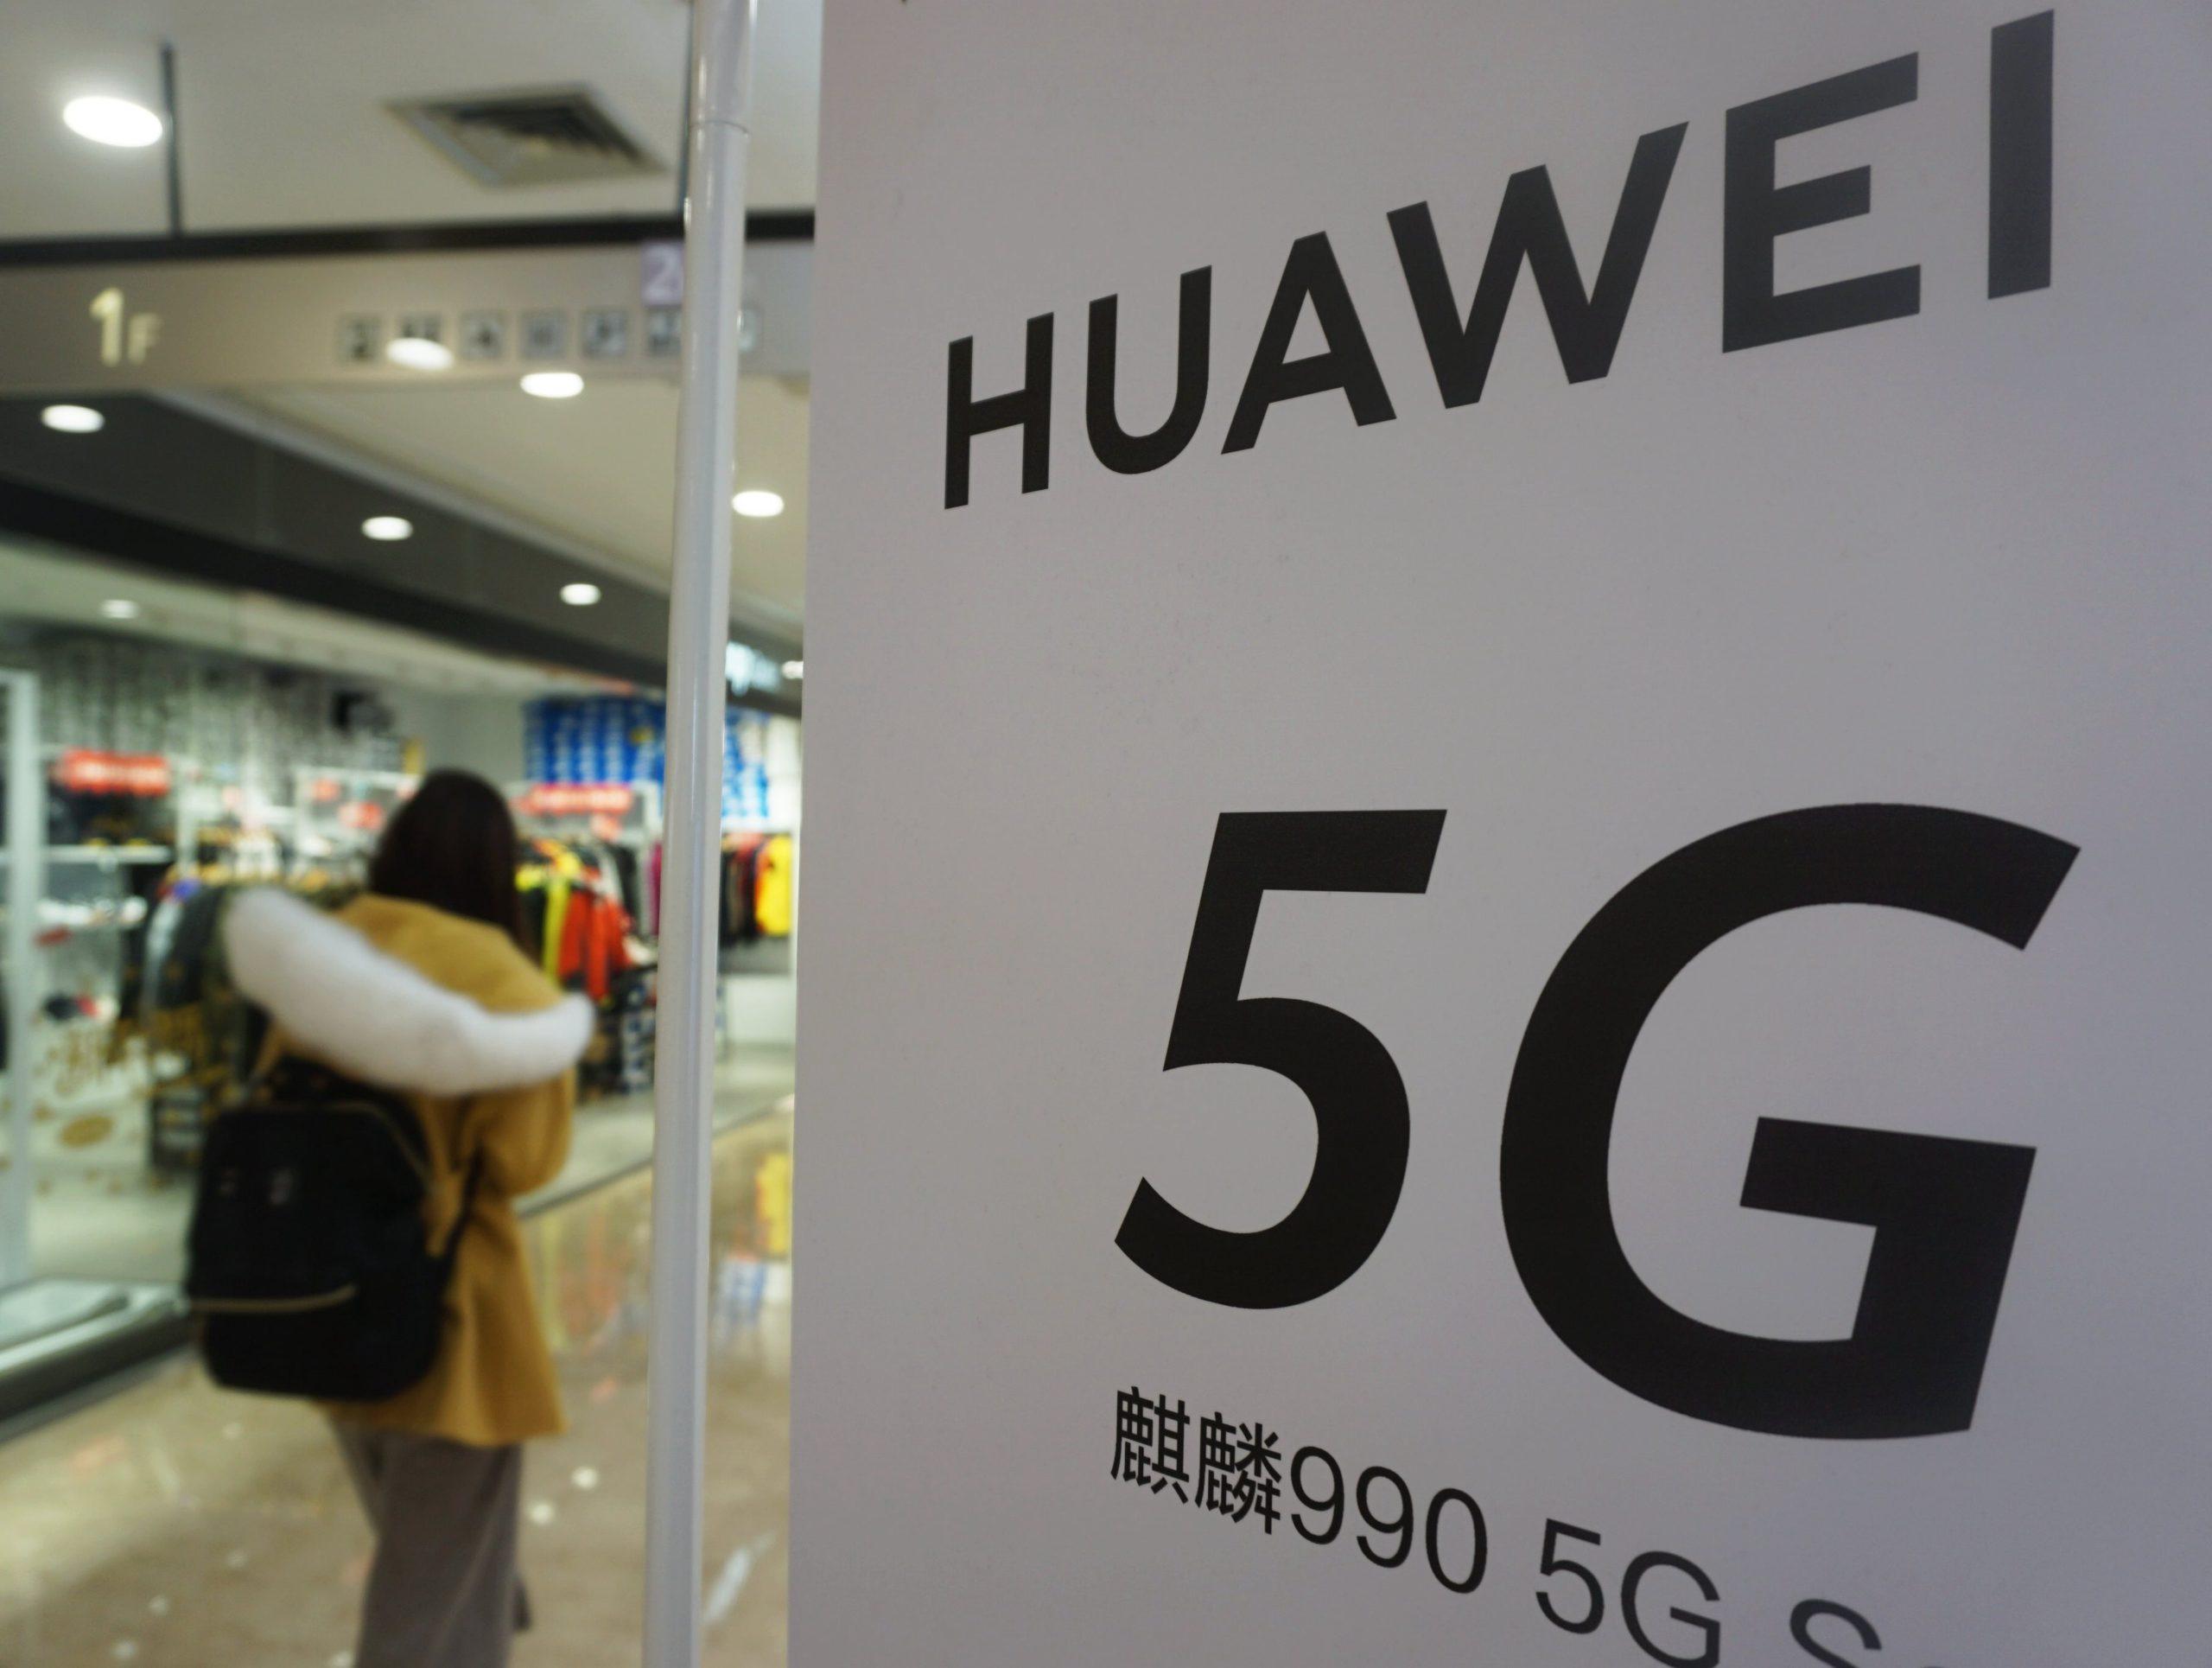 Wu Ken, l'ambassadeur chinois en Allemagne, dit que son pays proposera des contre-mesures si les Allemands excluent Huawei comme fournisseur d'équipements pour le réseau 5G.